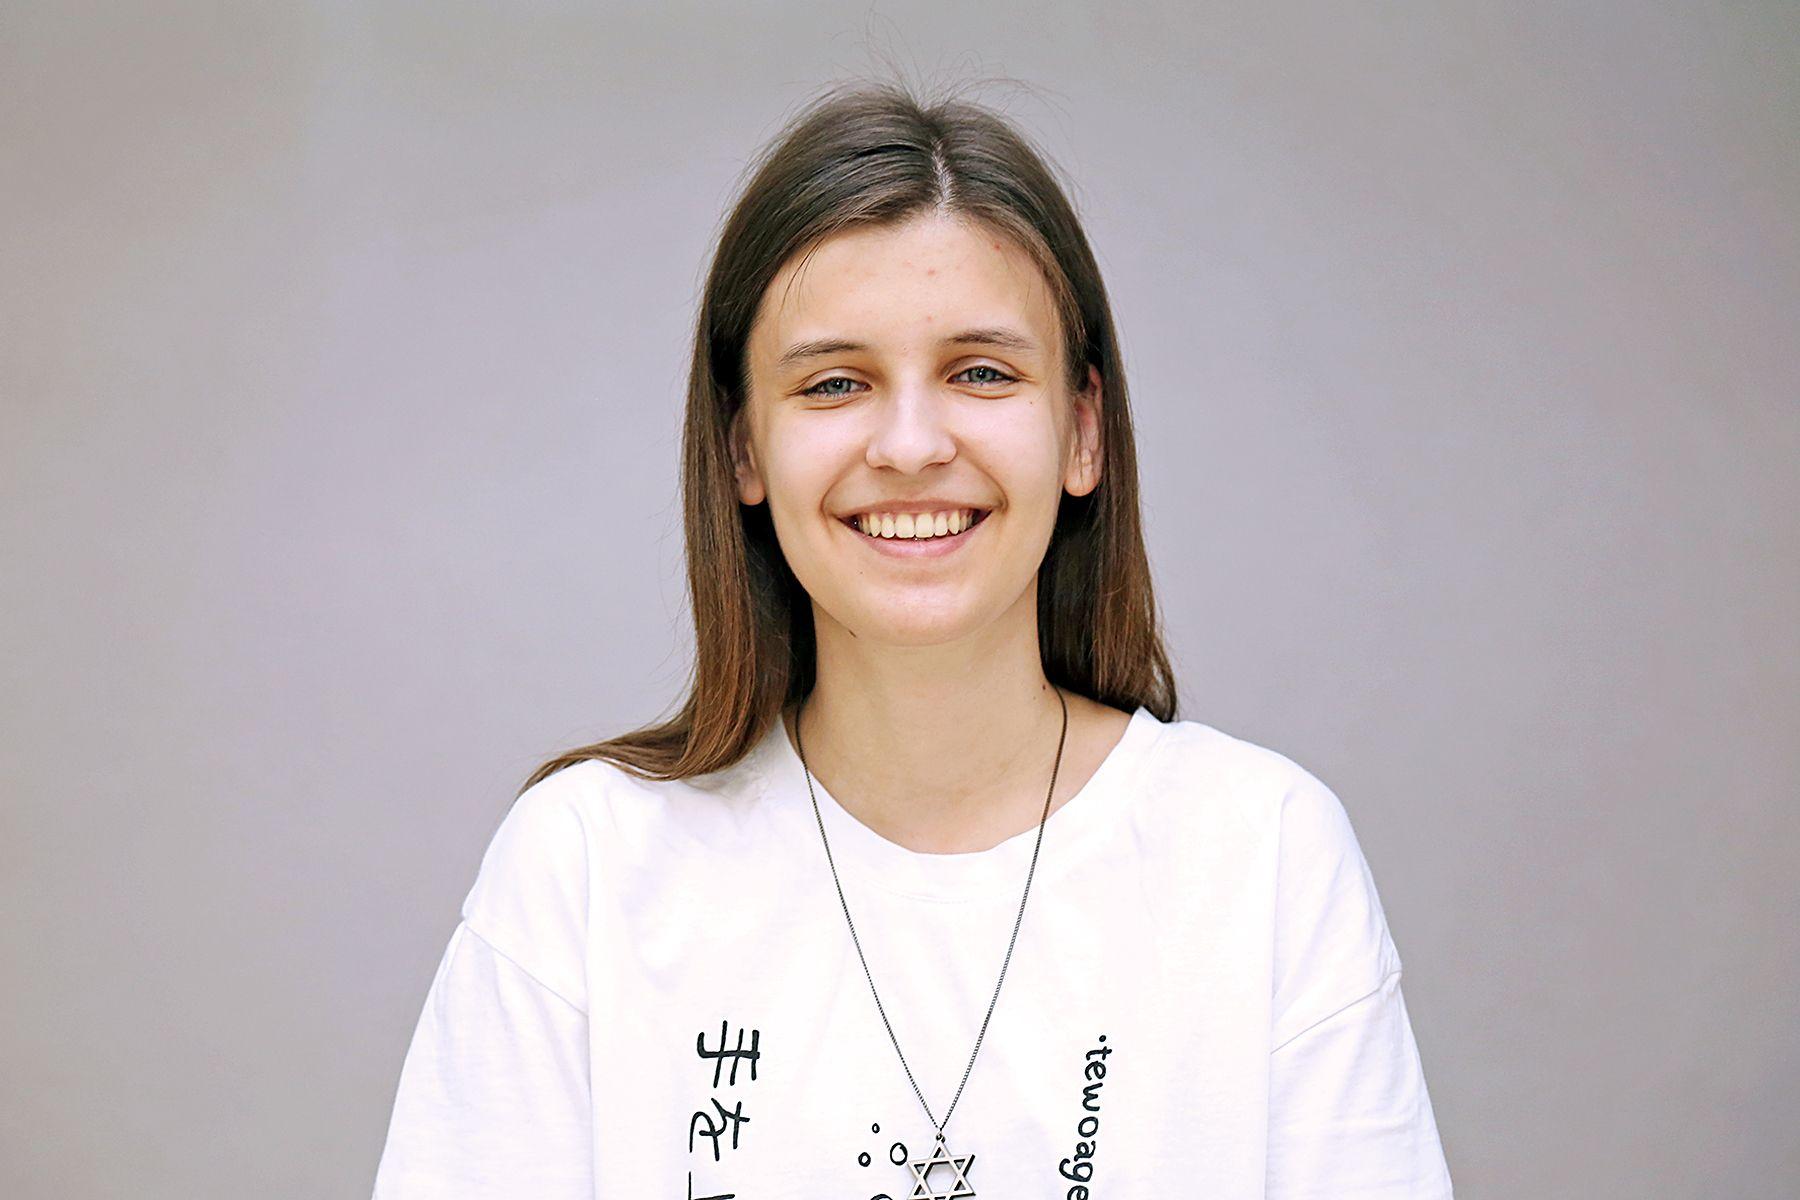 Первокурсники ВГУЭС победили на III Всероссийской онлайн-олимпиаде по английскому языку